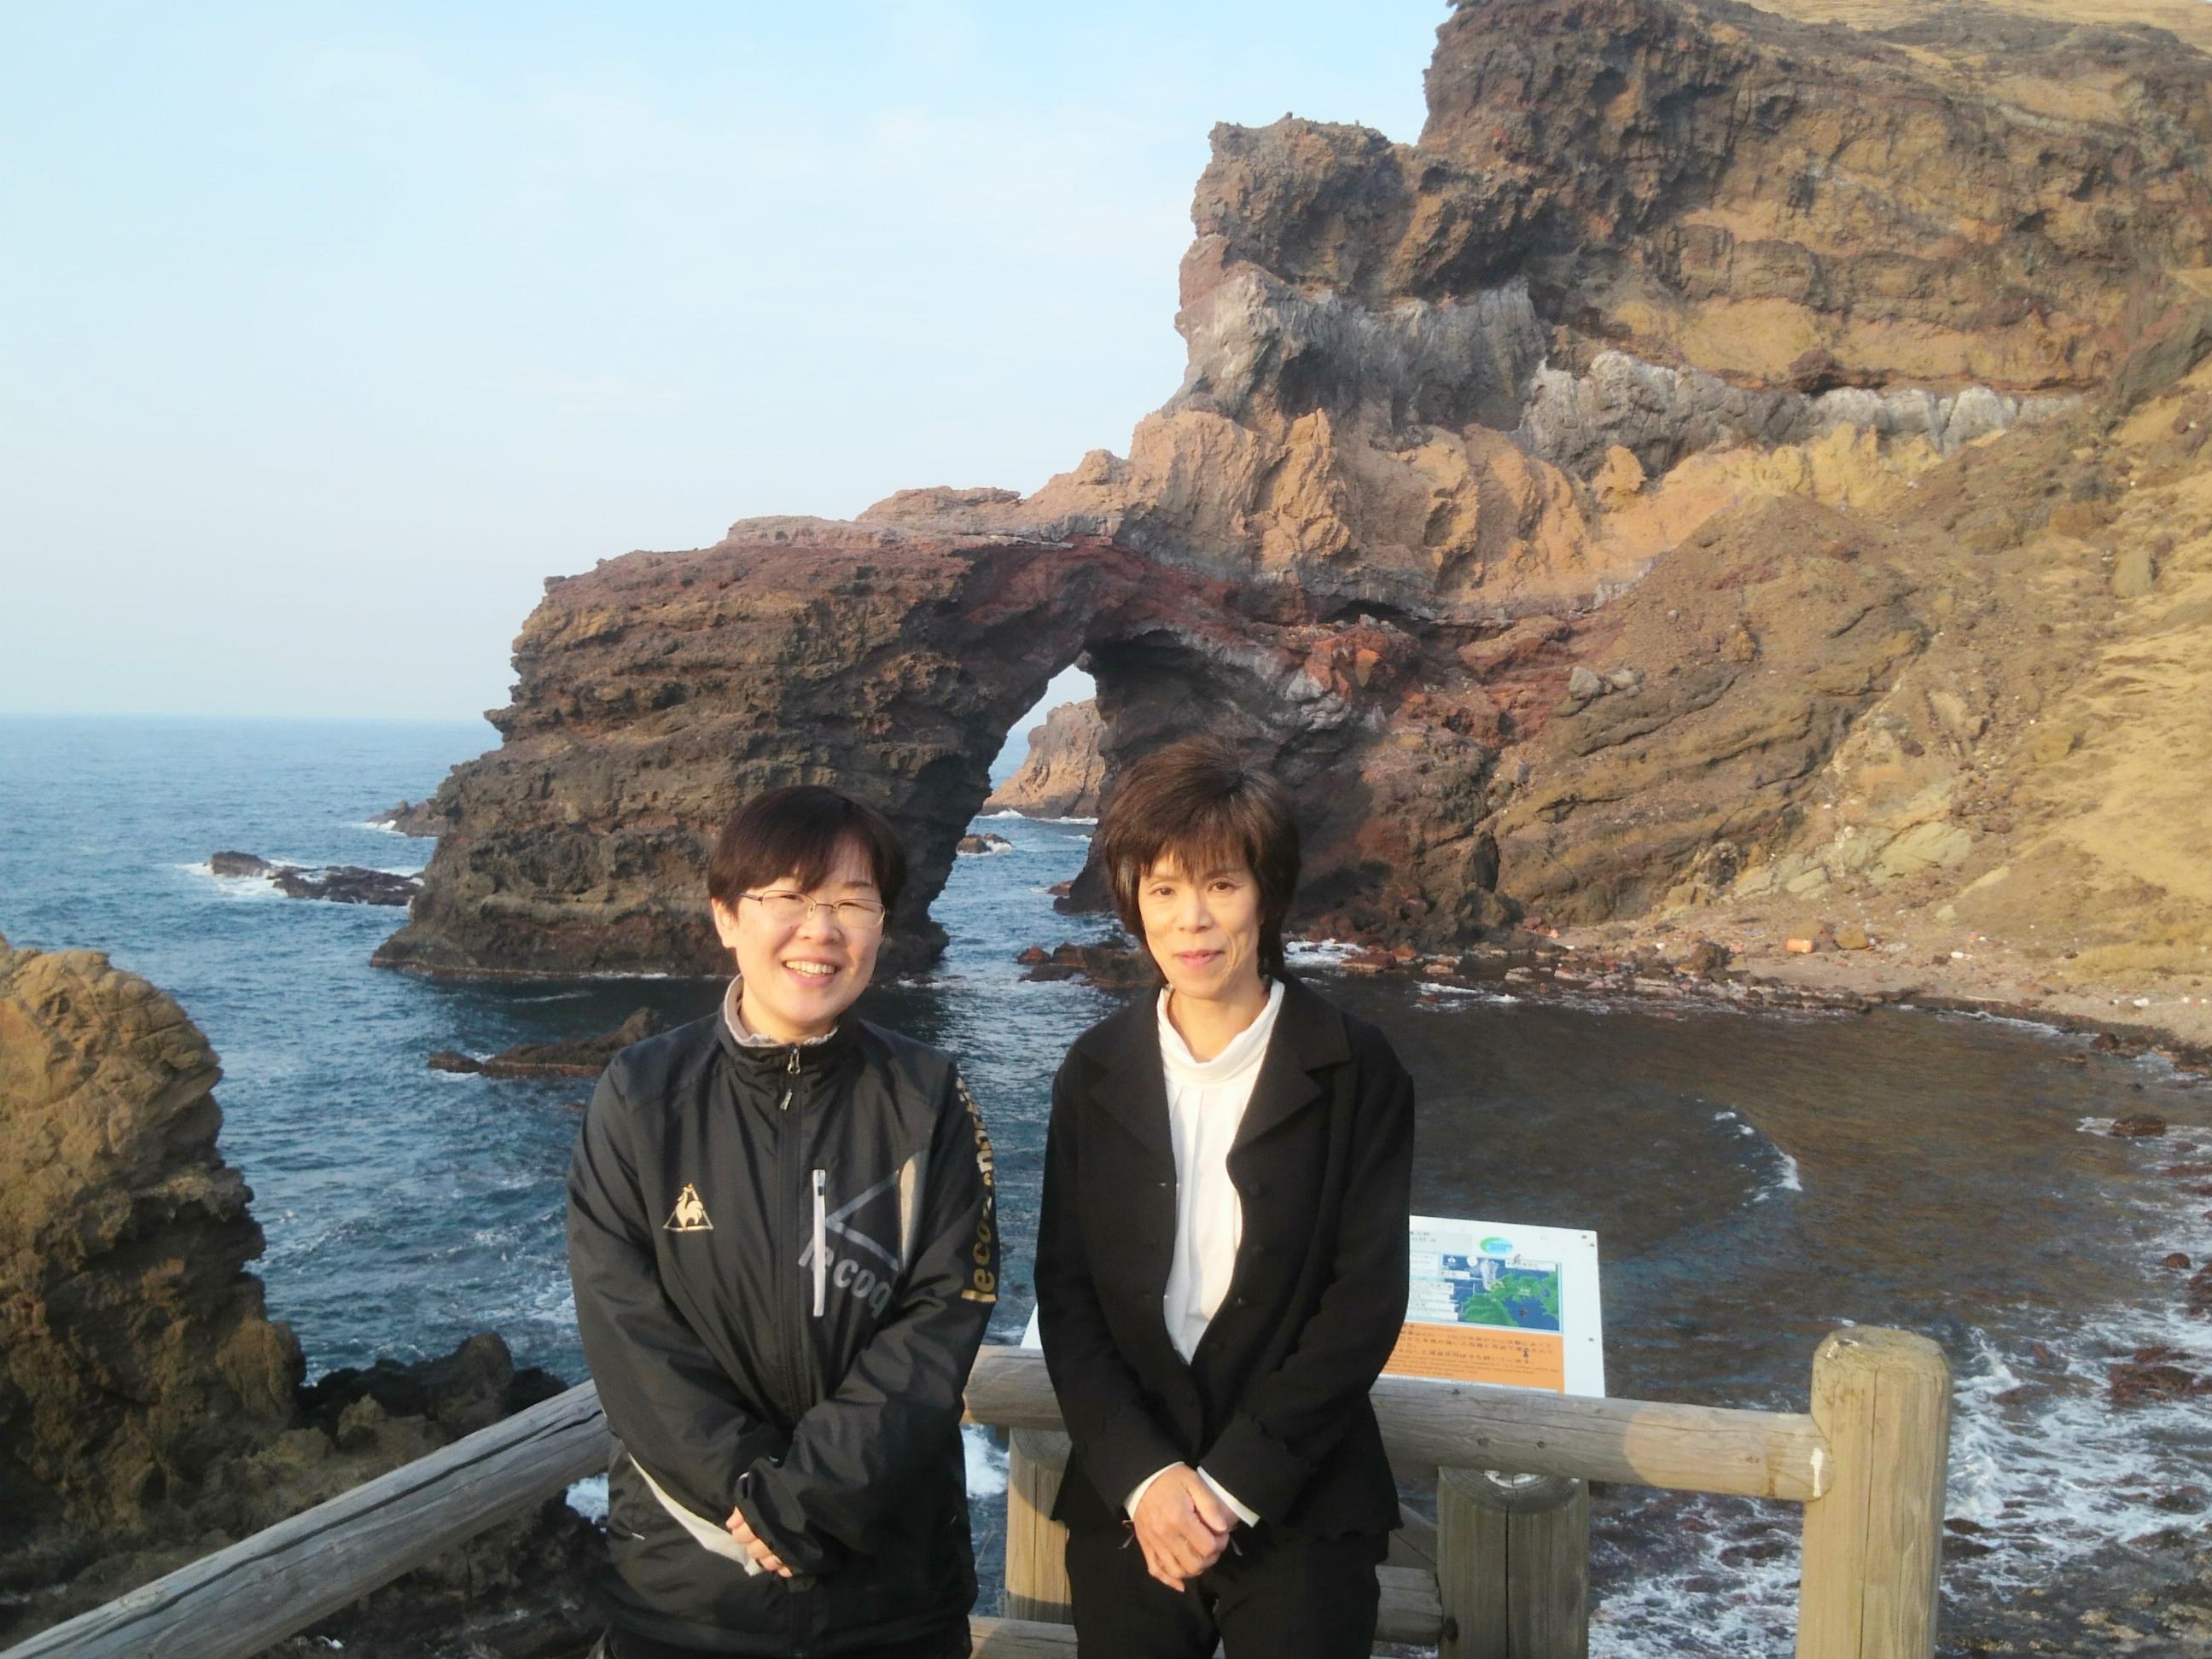 とって隠岐の宝島☆西ノ島町講演の画像追加: 【女きみまろ ...